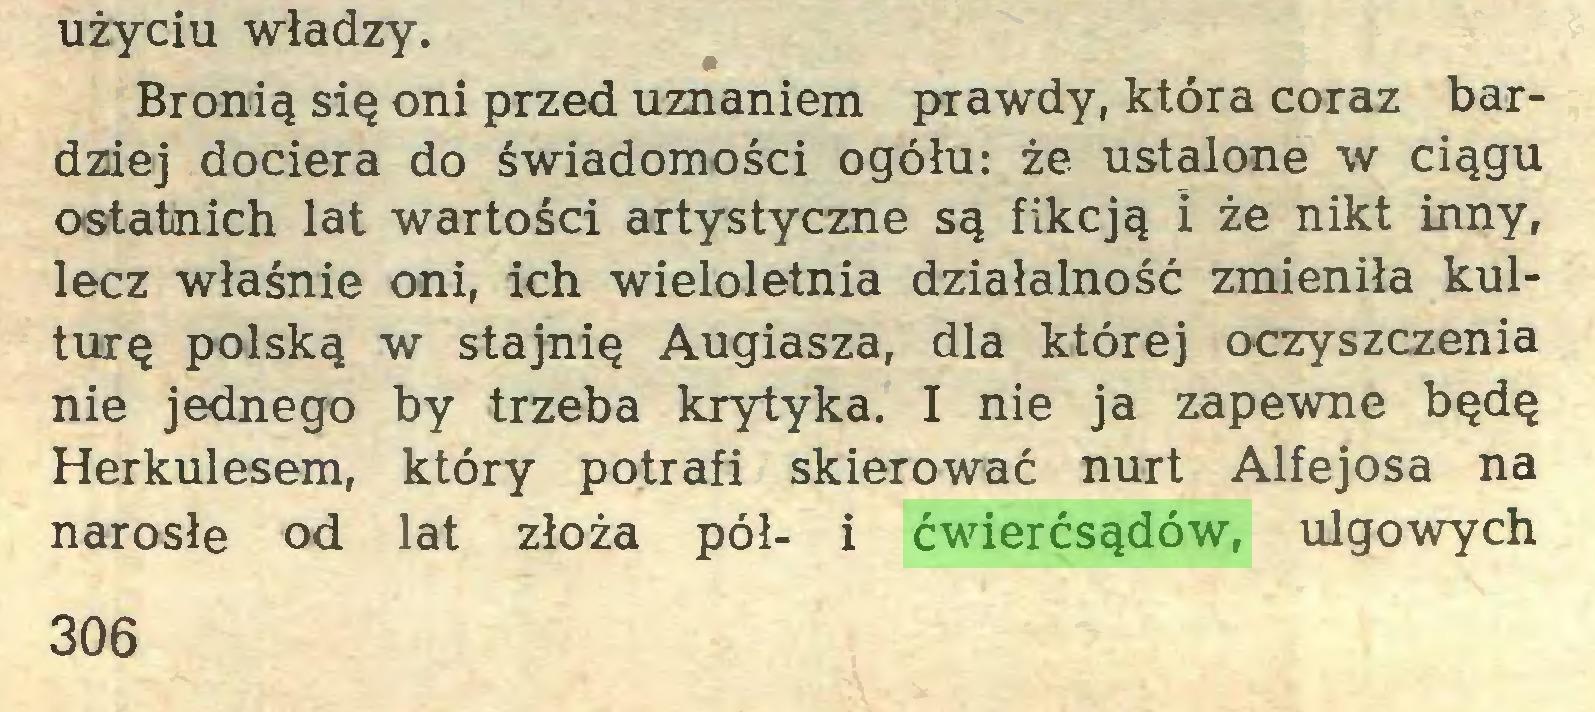 (...) użyciu władzy. Bronią się oni przed uznaniem prawdy, która coraz bardziej dociera do świadomości ogółu: że ustalone w ciągu ostatnich lat wartości artystyczne są fikcją i że nikt inny, lecz właśnie oni, ich wieloletnia działalność zmieniła kulturę polską w stajnię Augiasza, dla której oczyszczenia nie jednego by trzeba krytyka. I nie ja zapewne będę Herkulesem, który potrafi skierować nurt Alfejosa na narosłe od lat złoża pół- i ćwierćsądów, ulgowych 306...